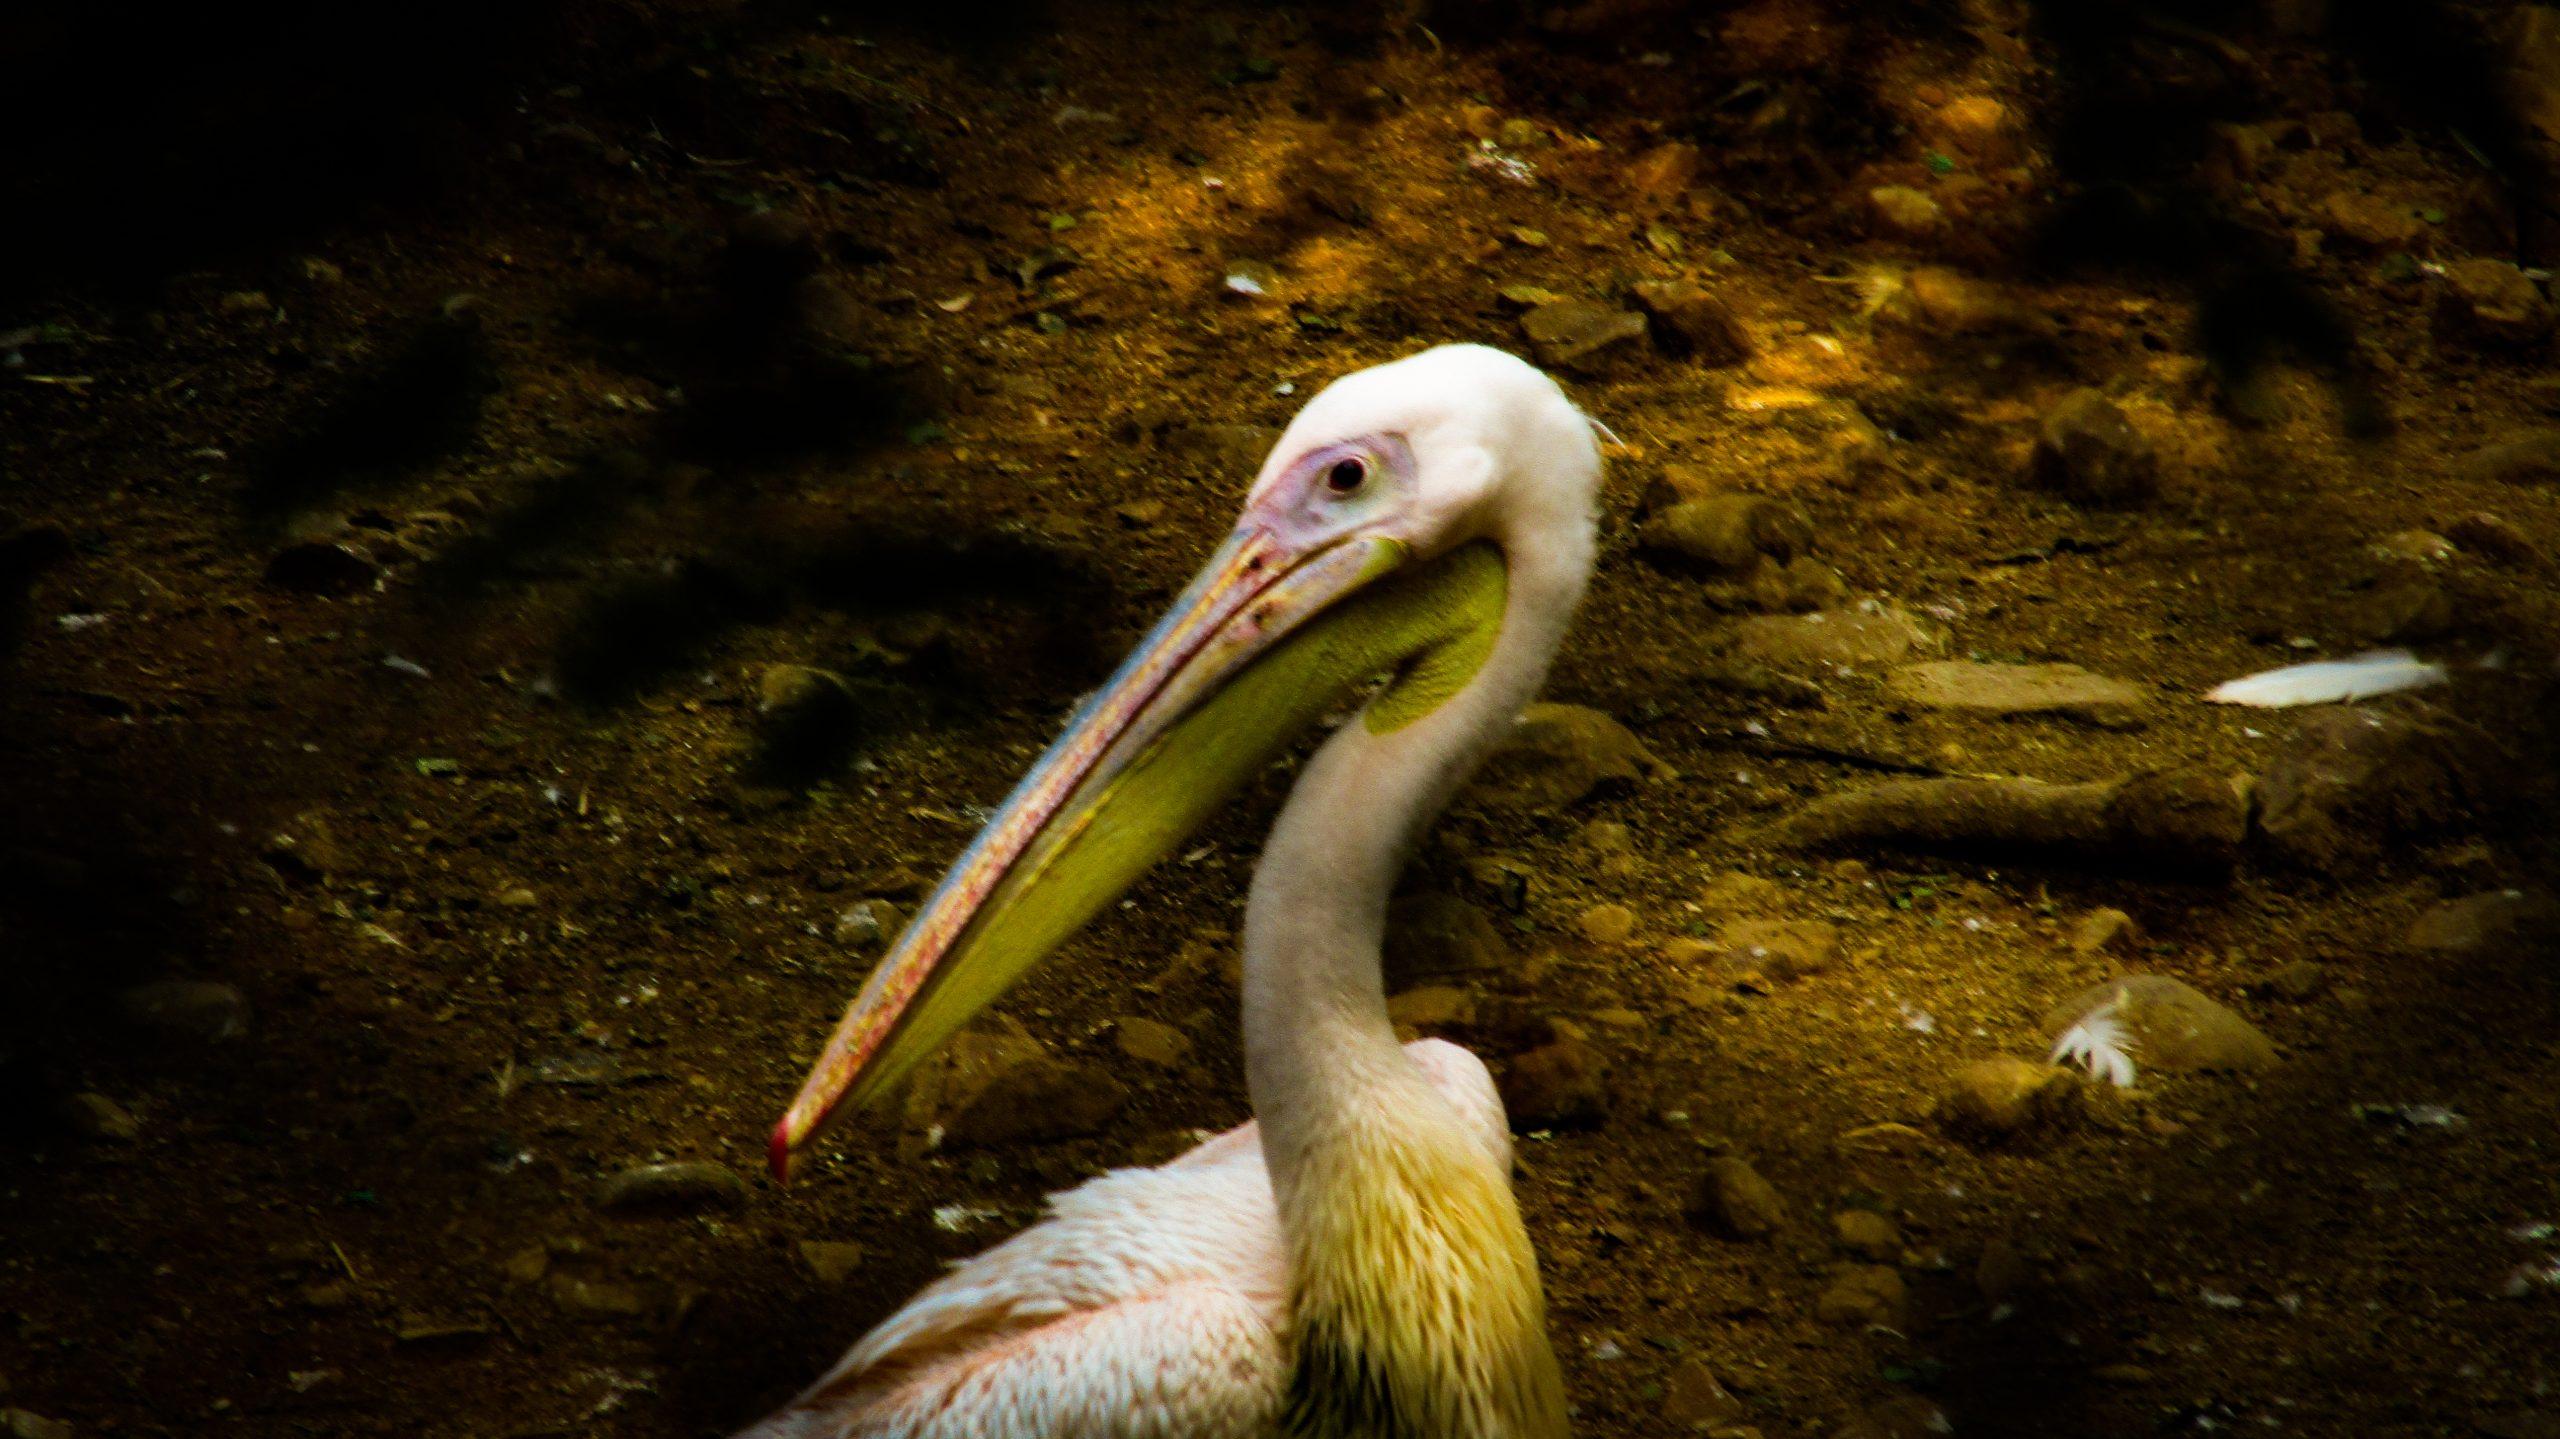 A stork bird